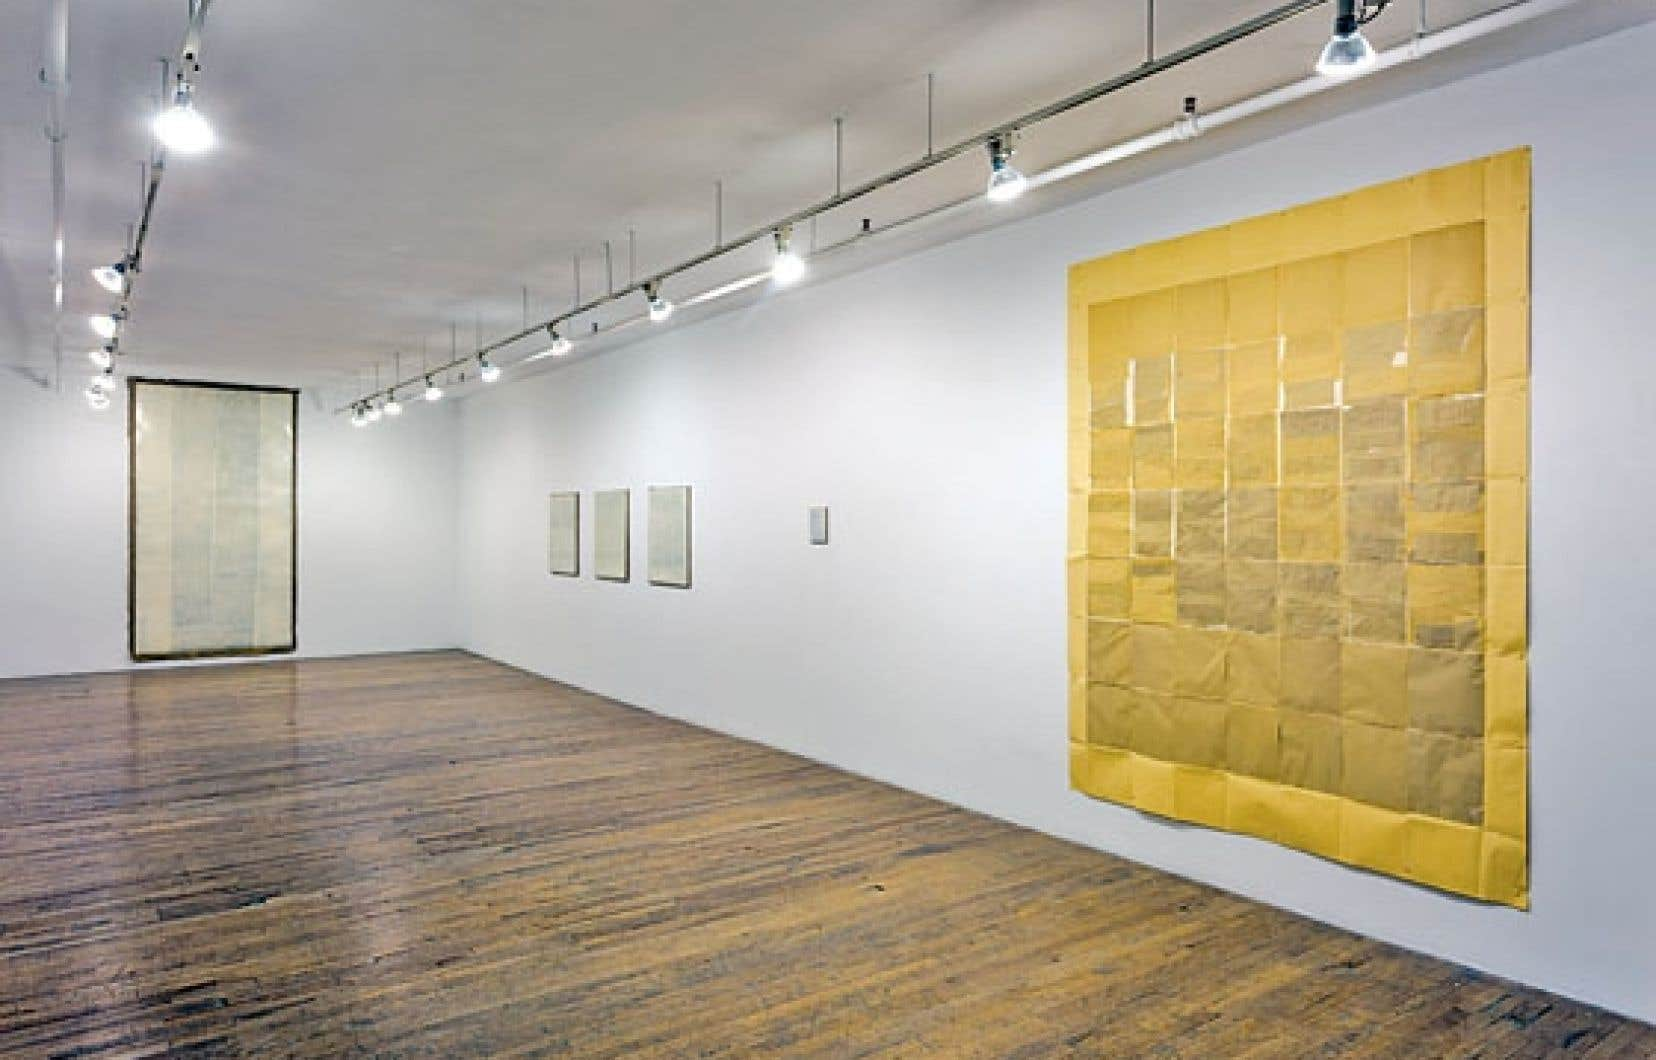 La série fut pour la première fois exposée en 1978 au centre Véhicule Art à Montréal puis, en 1986, à Rome.